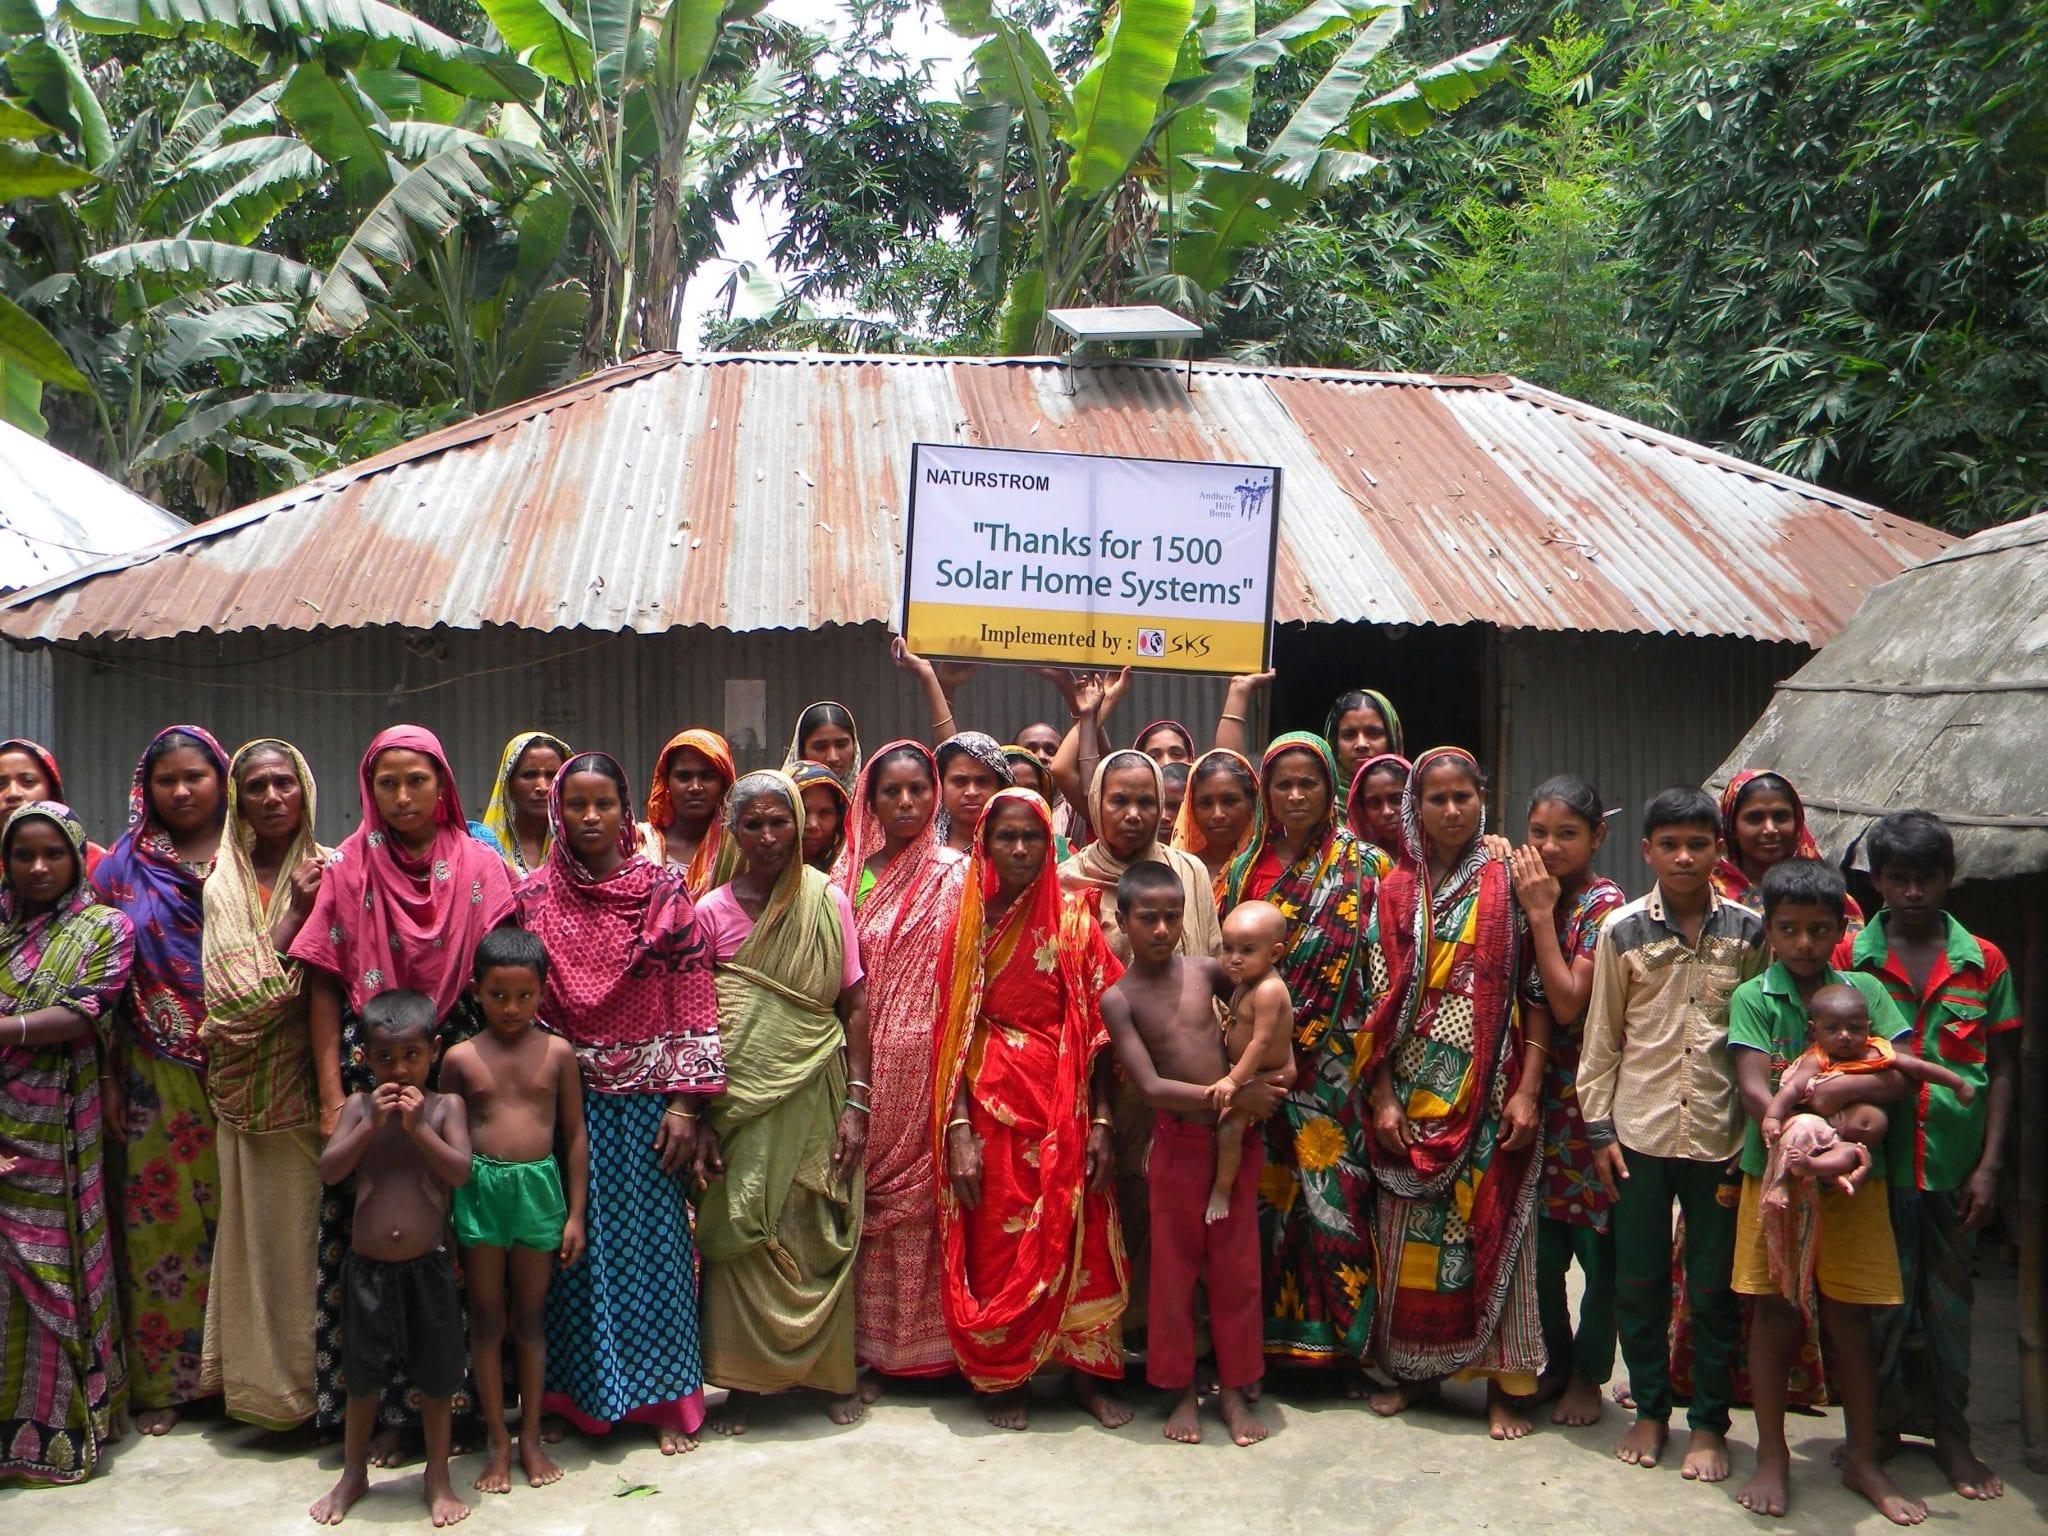 Dank NATURDTROM: Solarstrum für 3000 Familien in Bangladesch